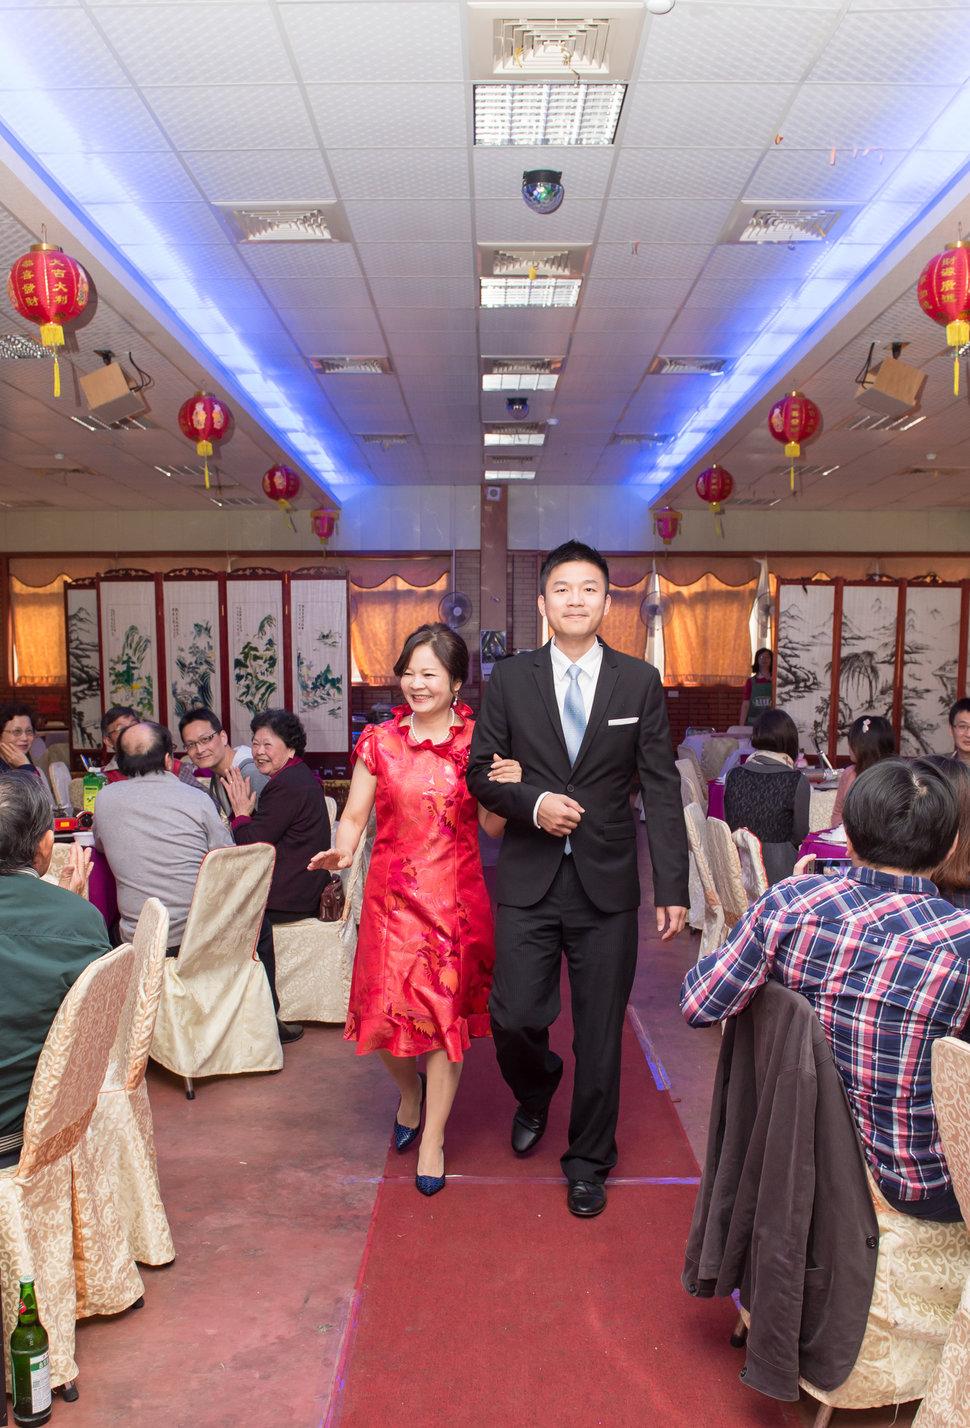 [婚禮紀錄] 結婚午宴@苗栗台灣水牛城(編號:432126) - LoveStoryAllen IMAGE - 結婚吧一站式婚禮服務平台